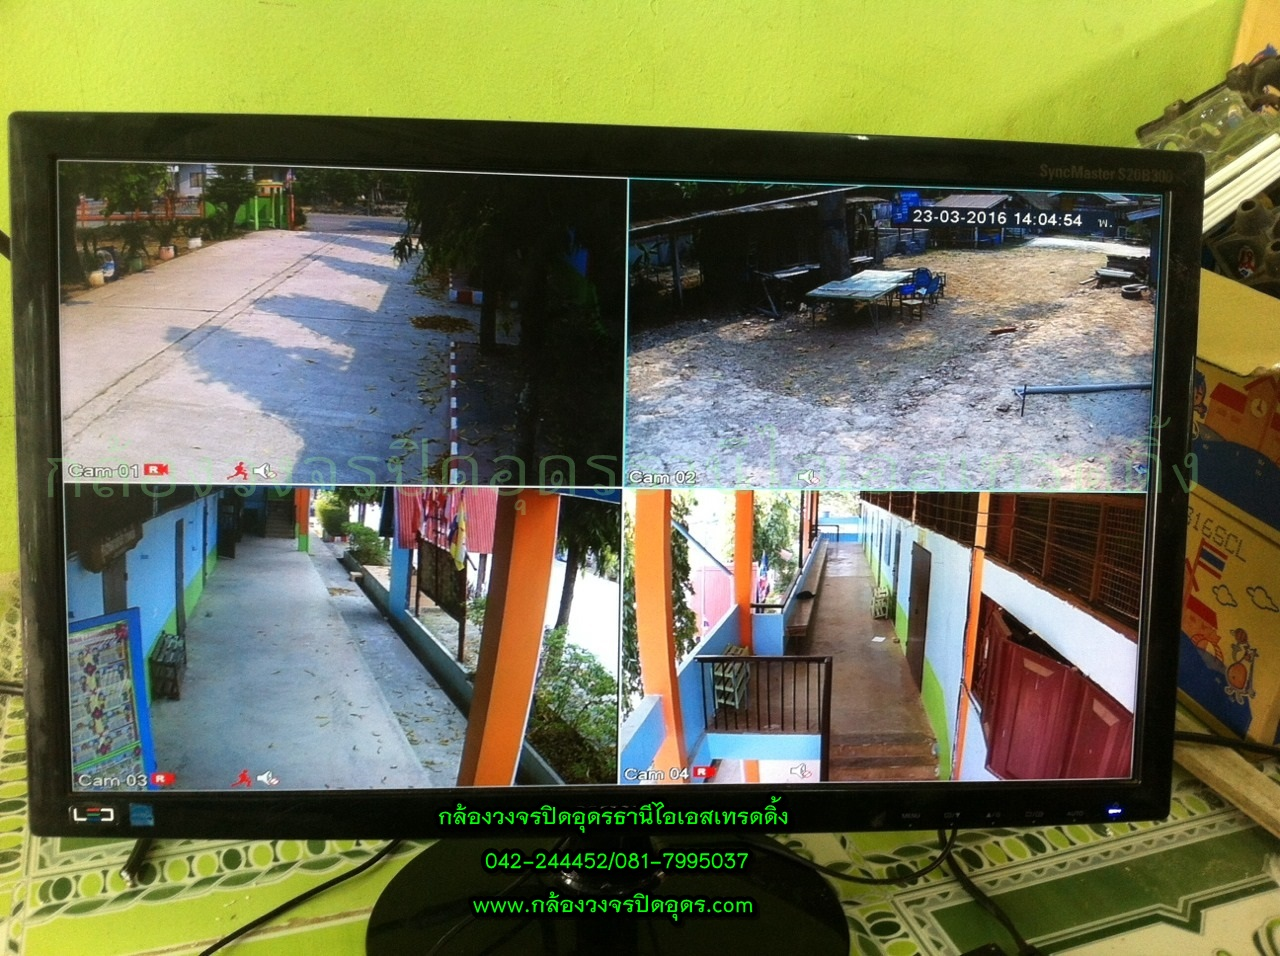 ผลงานติดตั้งกล้องวงจรปิดที่โรงเรียนบ้านดงเย็น อ.หนองหาน จ.อุดรธานี